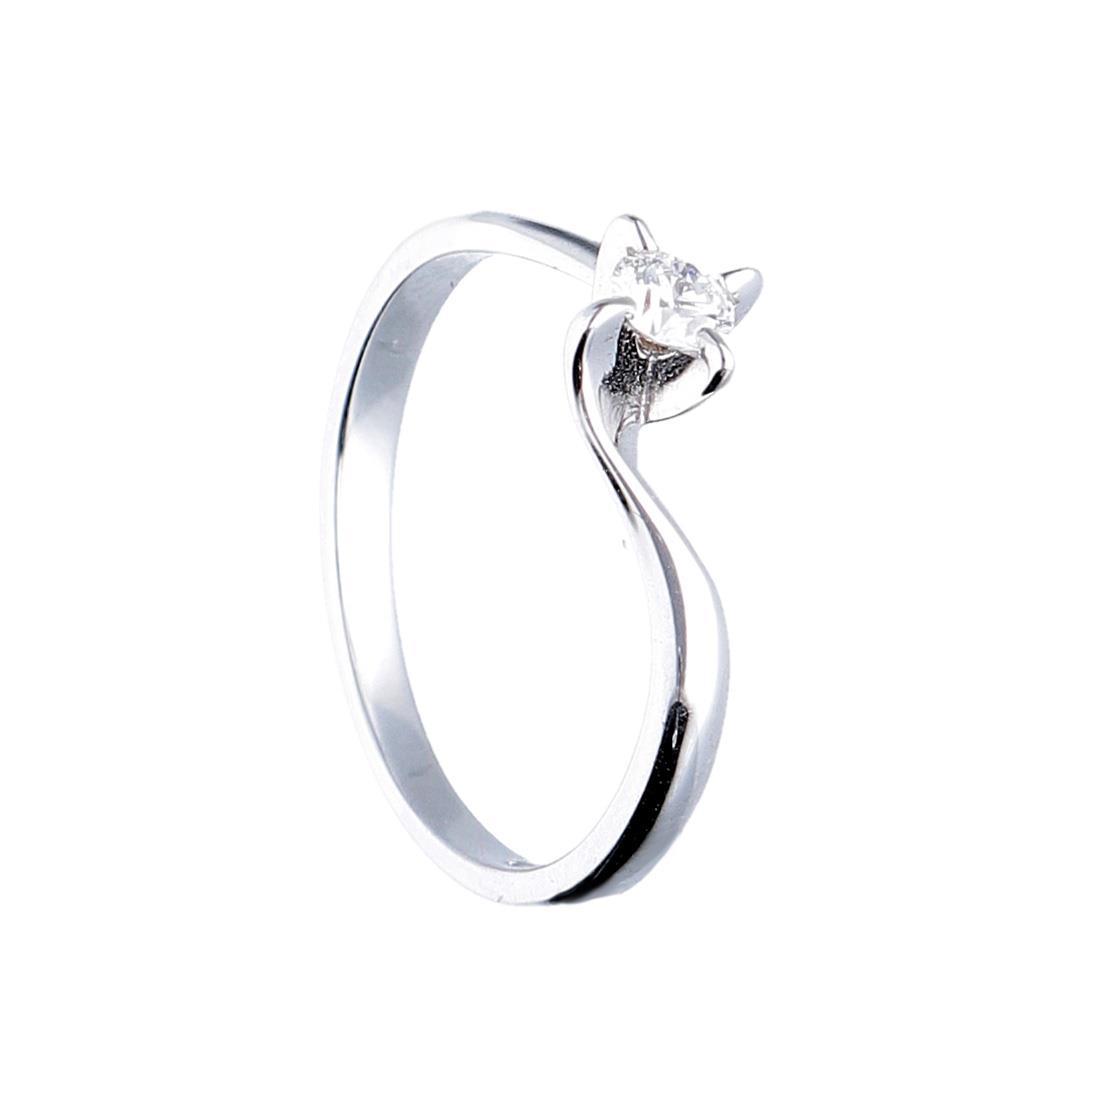 Anello solitario in oro bianco con diamante mis 15 - ORO&CO